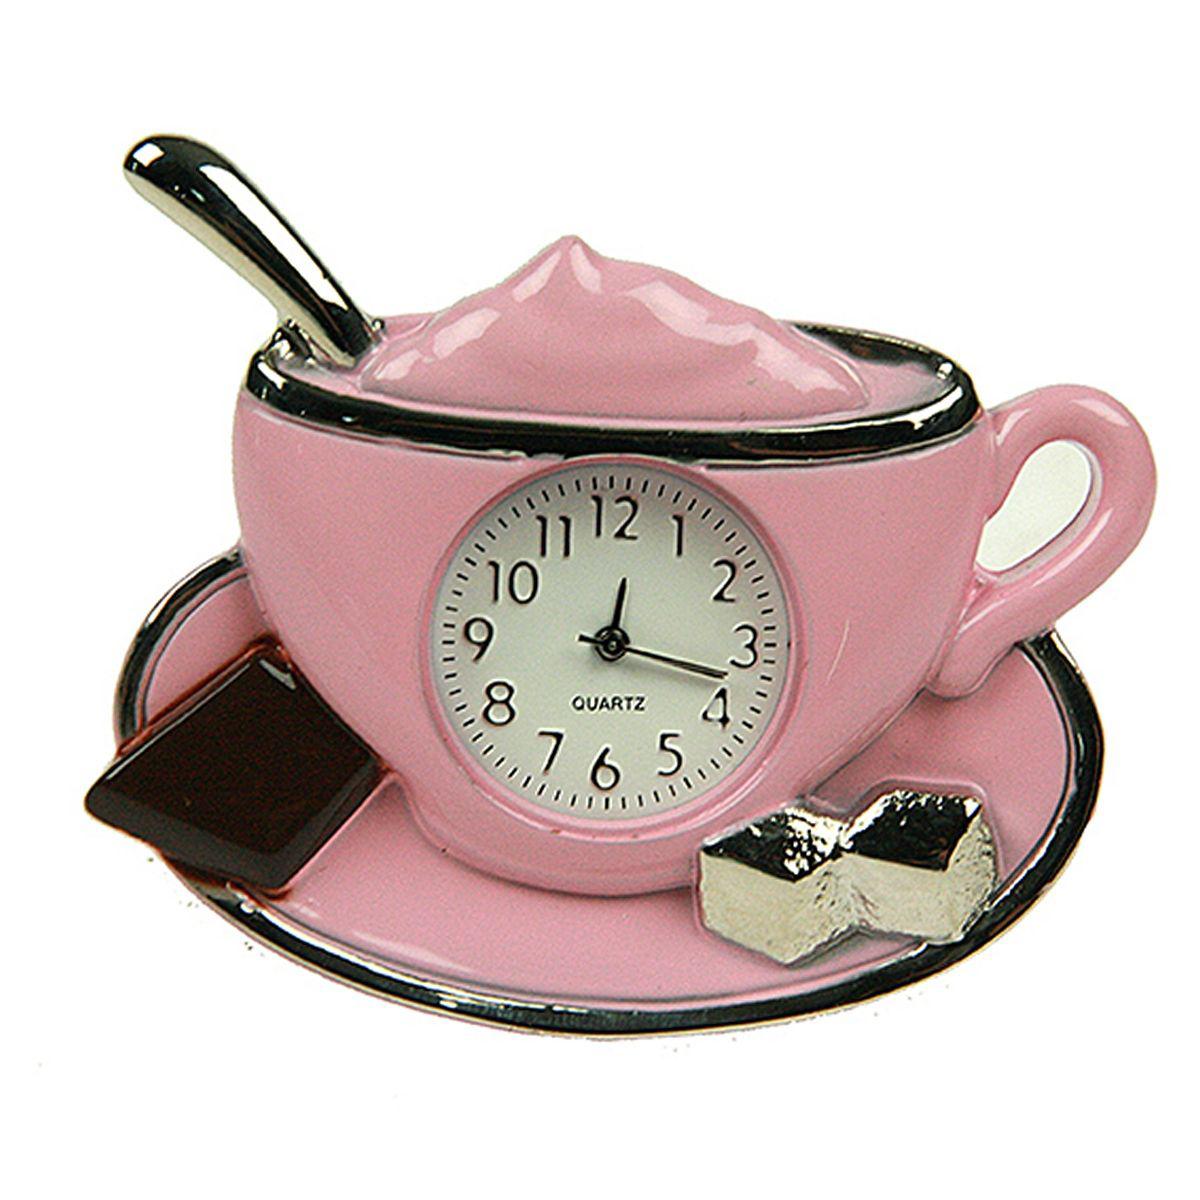 Часы настольные Русские Подарки Капучино. 224362706 (ПО)Настольные кварцевые часы Русские Подарки Капучино изготовлены из металла. Корпус оригинально оформлен в виде чашечки кофе. Часы имеют три стрелки - часовую, минутную и секундную.Изящные часы украсят интерьер дома или рабочий стол в офисе. Также часы могут стать уникальным, полезным подарком для родственников, коллег, знакомых и близких.Часы работают от батареек типа SR626 (в комплект не входят).